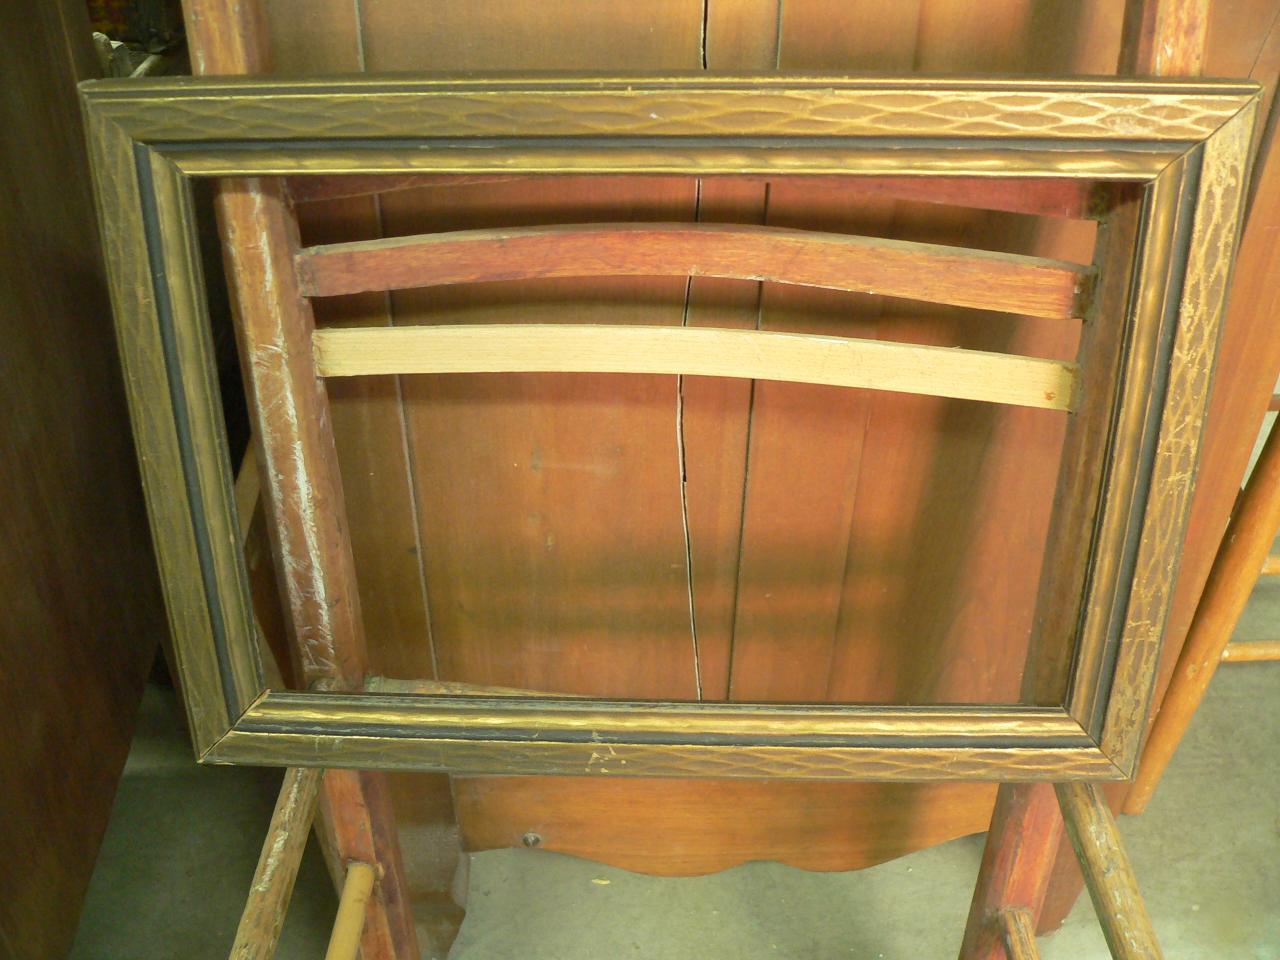 Cadre antique en bois # 1717